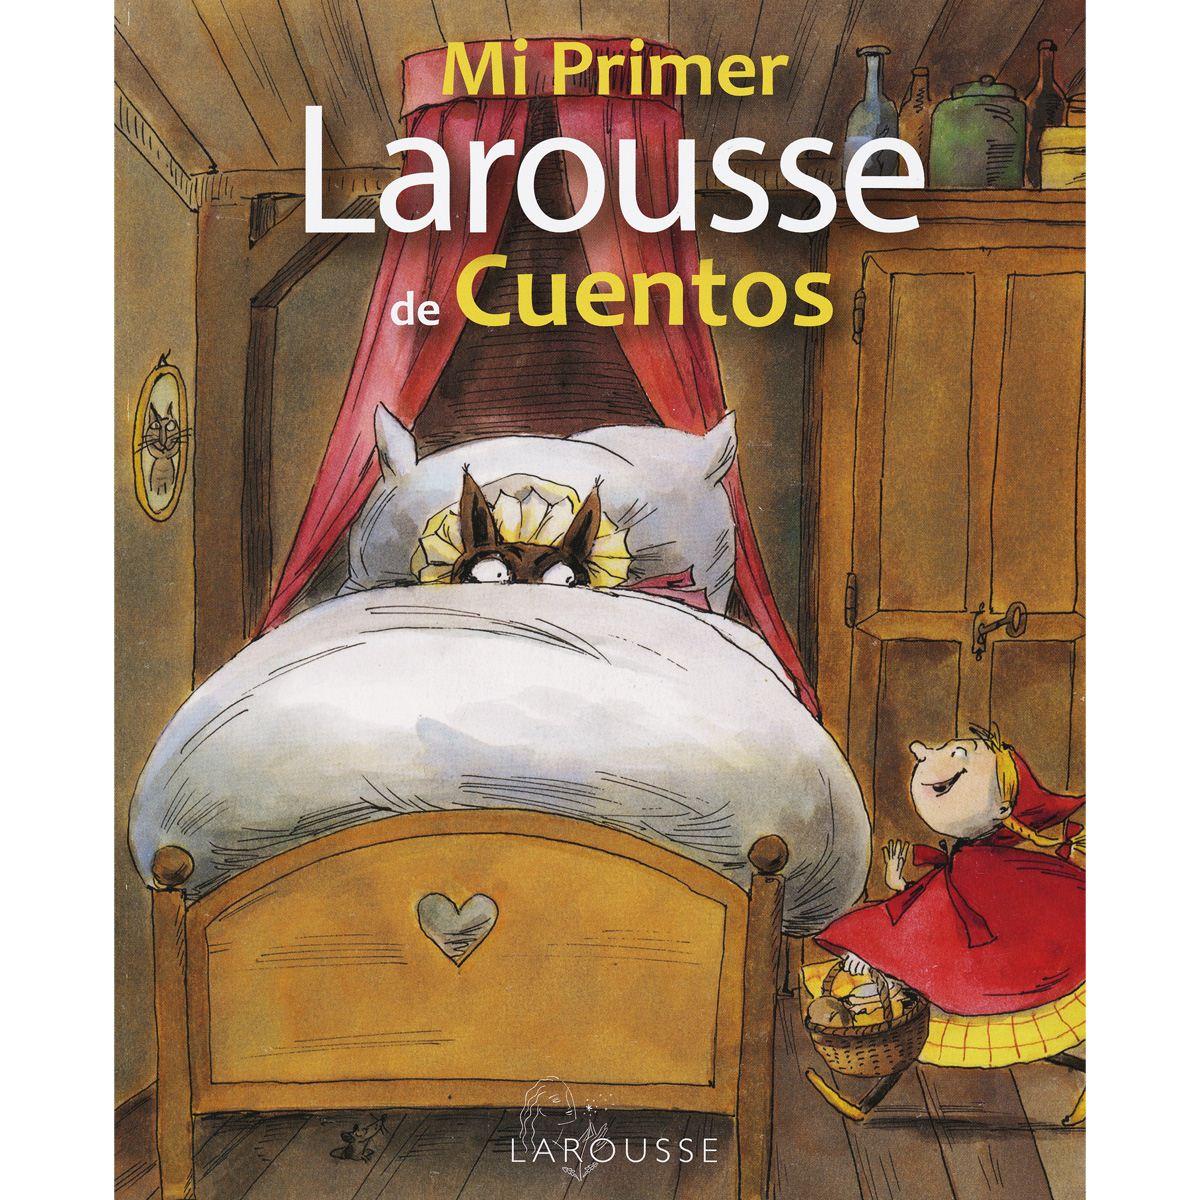 Mi primer larousse de cuentos Libro - Sanborns